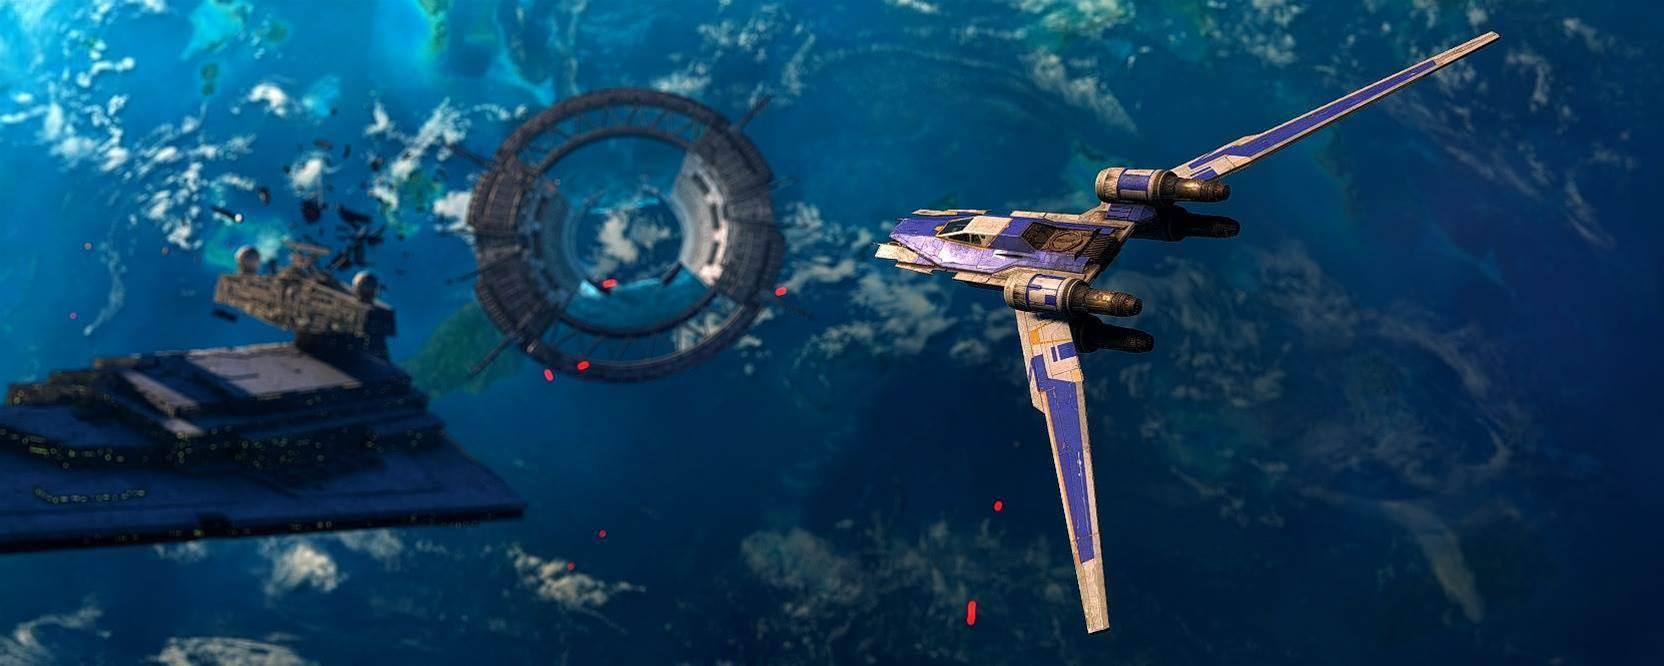 A gorgeous fan collection of Battlefront Scarif DLC shots